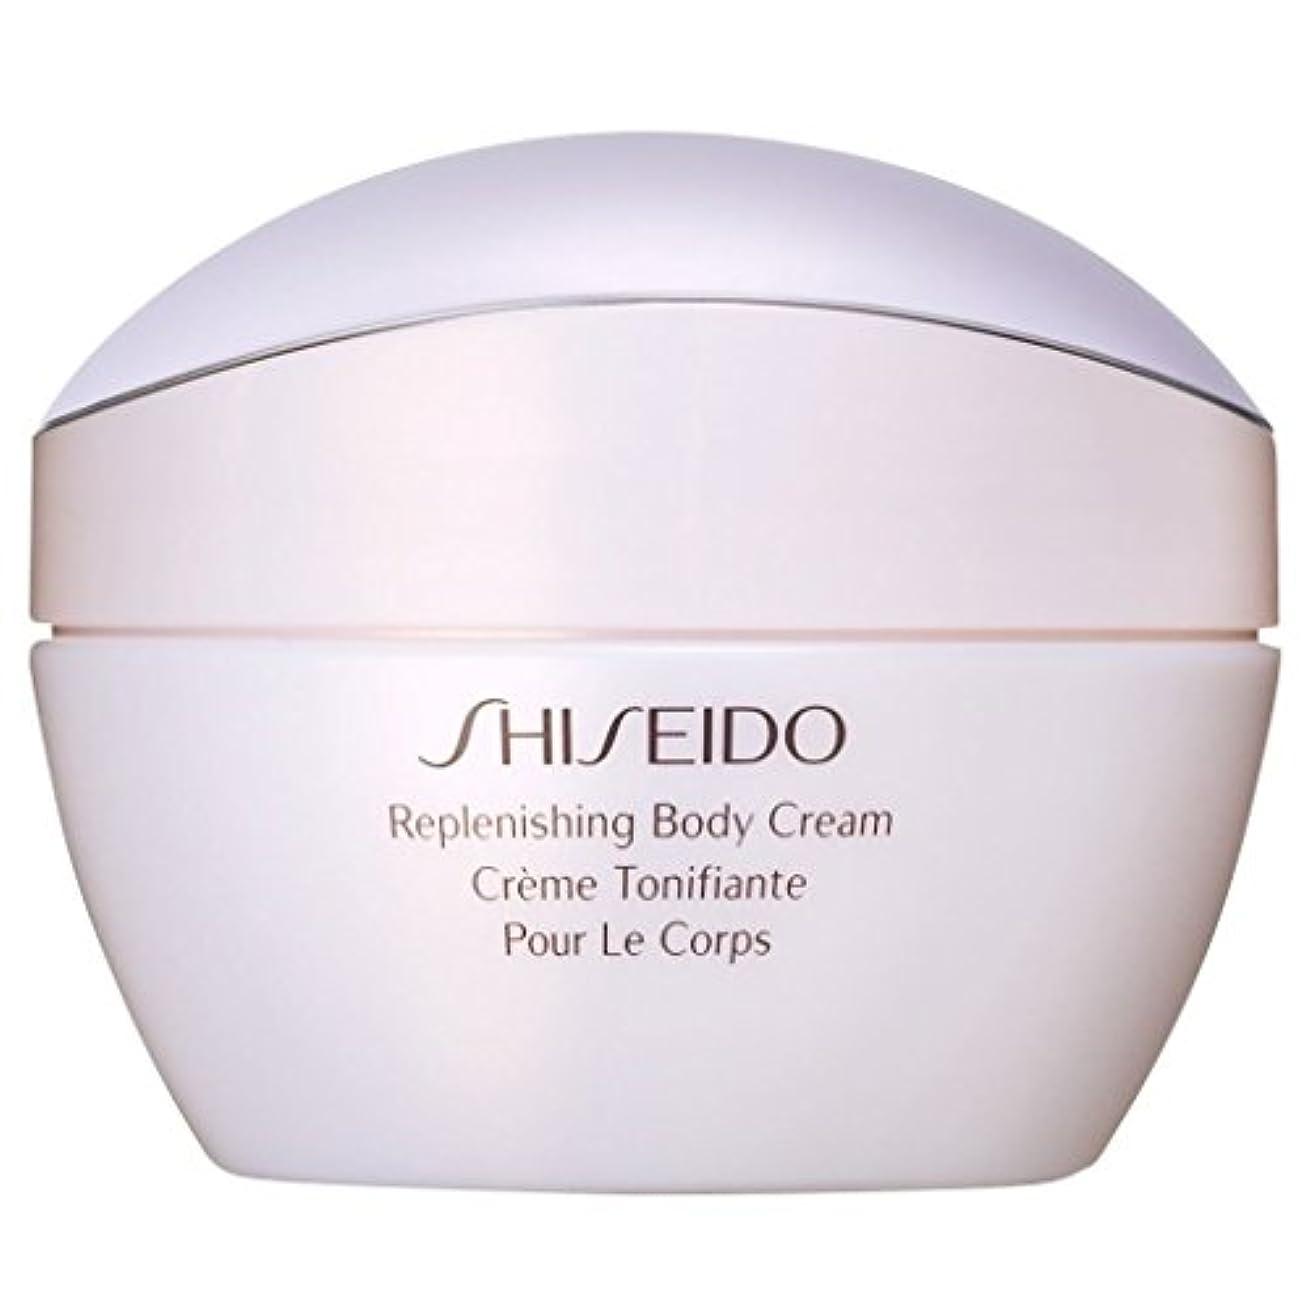 魂確認スキーム[Shiseido] 資生堂補充ボディクリーム200ミリリットル - Shiseido Replenishing Body Cream 200ml [並行輸入品]